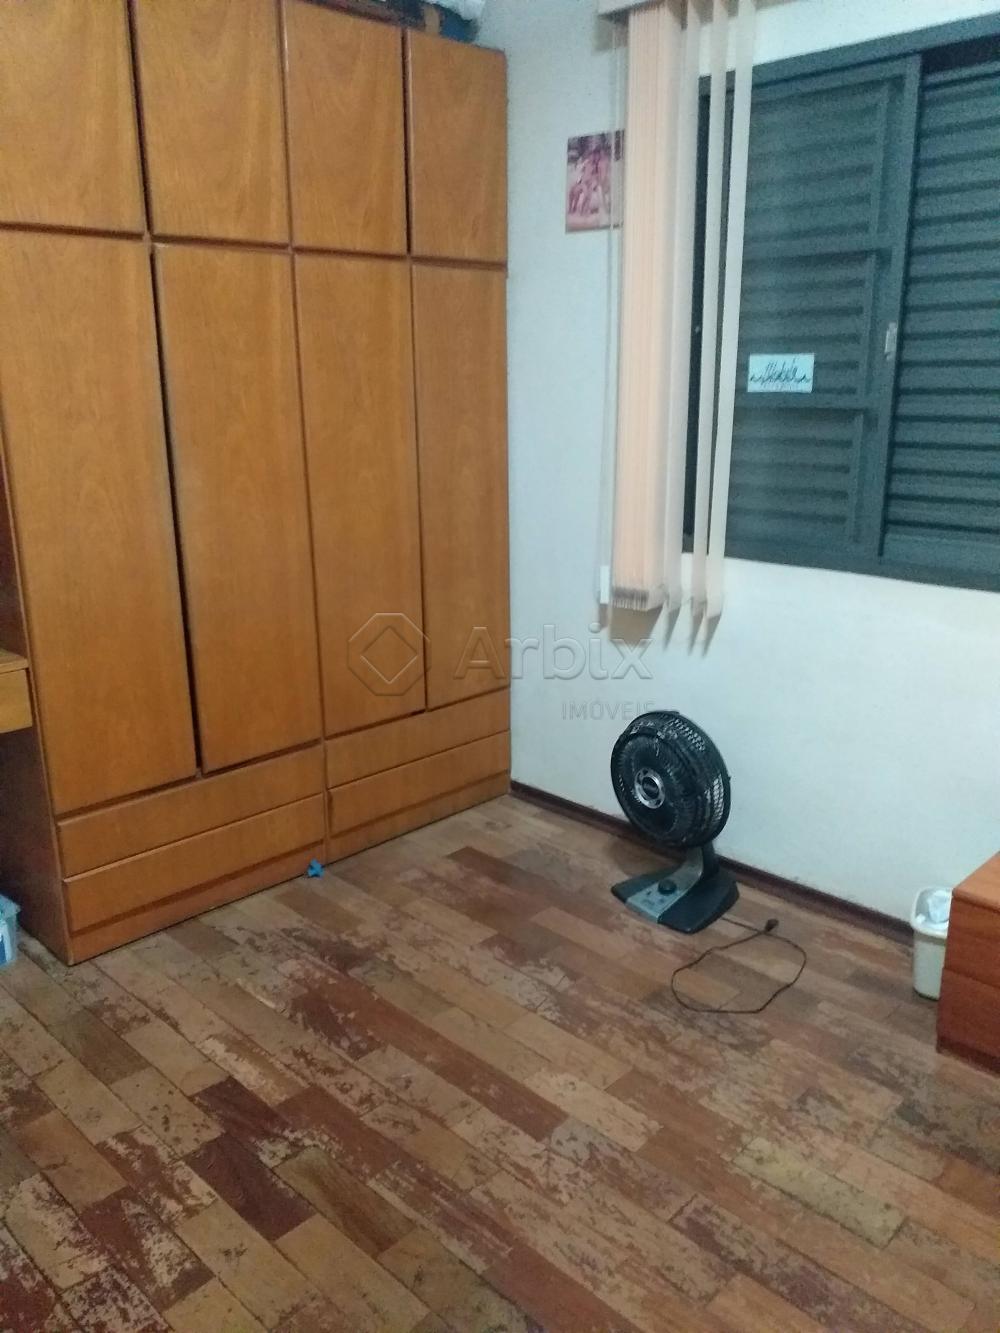 Comprar Casa / Residencial em Americana apenas R$ 750.000,00 - Foto 32